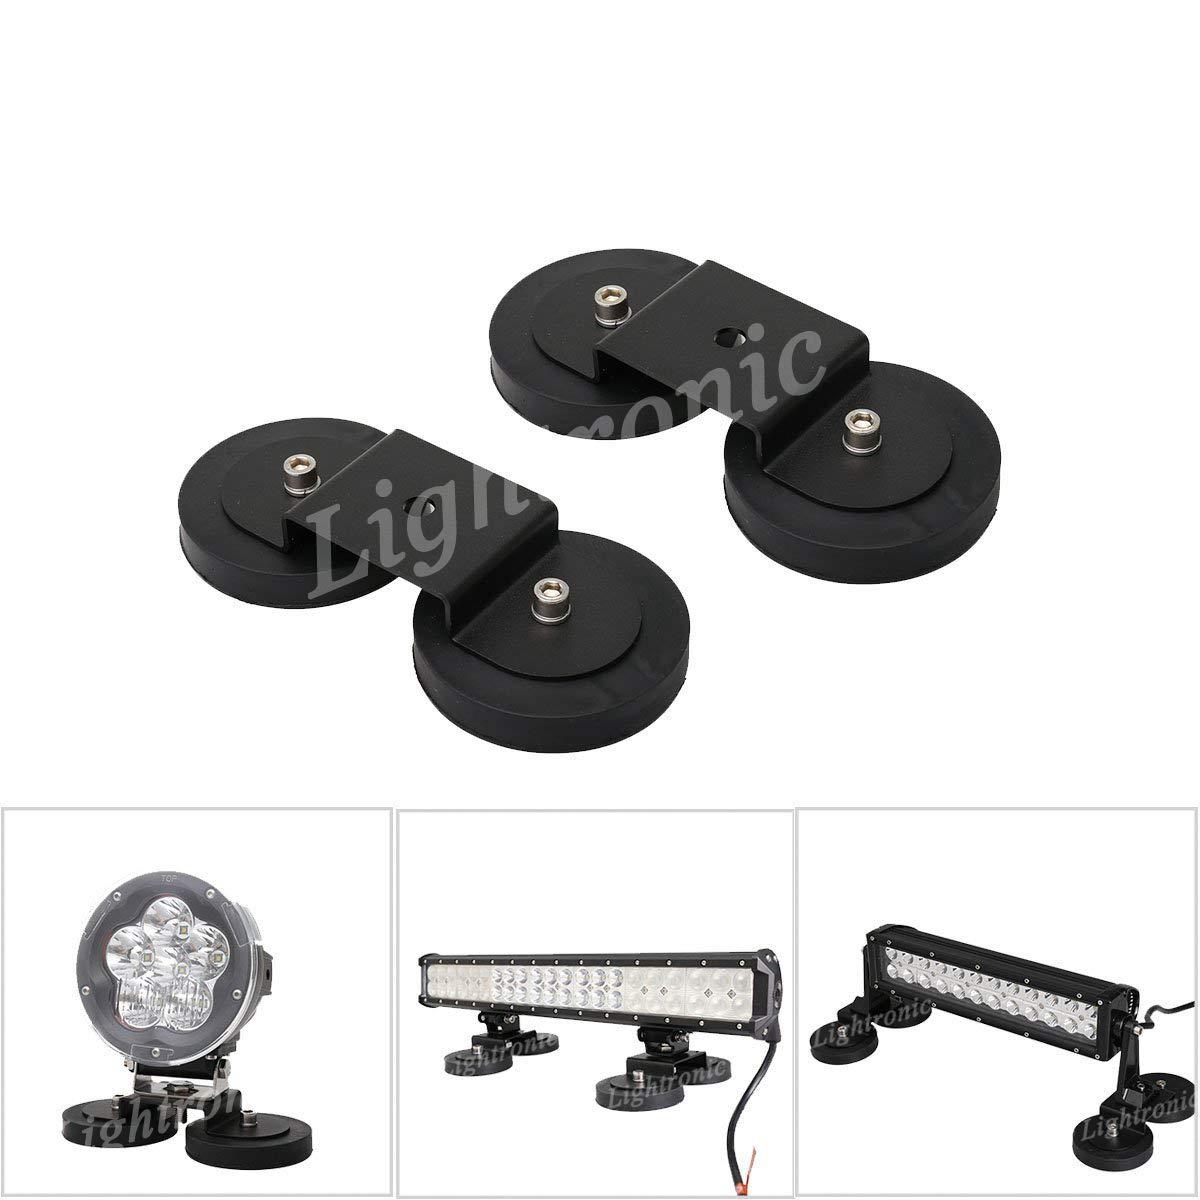 Lightronic Stark Magnete LED Auto Scheinwerfer Fahrlichtern Zusatzscheinwerfe LED Arbeitsleuchte Nebelscheinwerfer Halterung Flutlicht Spotlicht Zubehö r